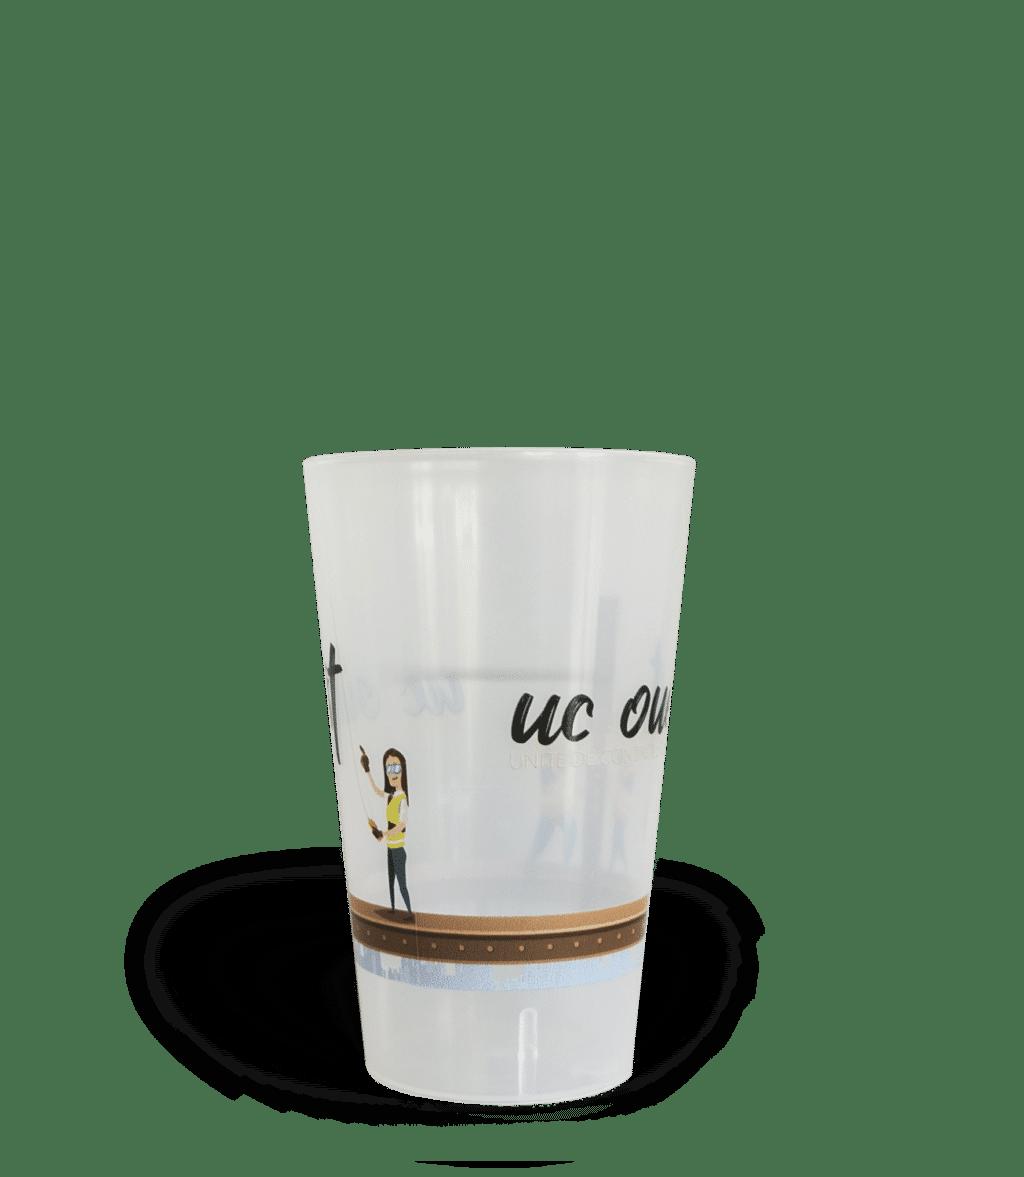 CUP 25 personnalisé UC Ouest